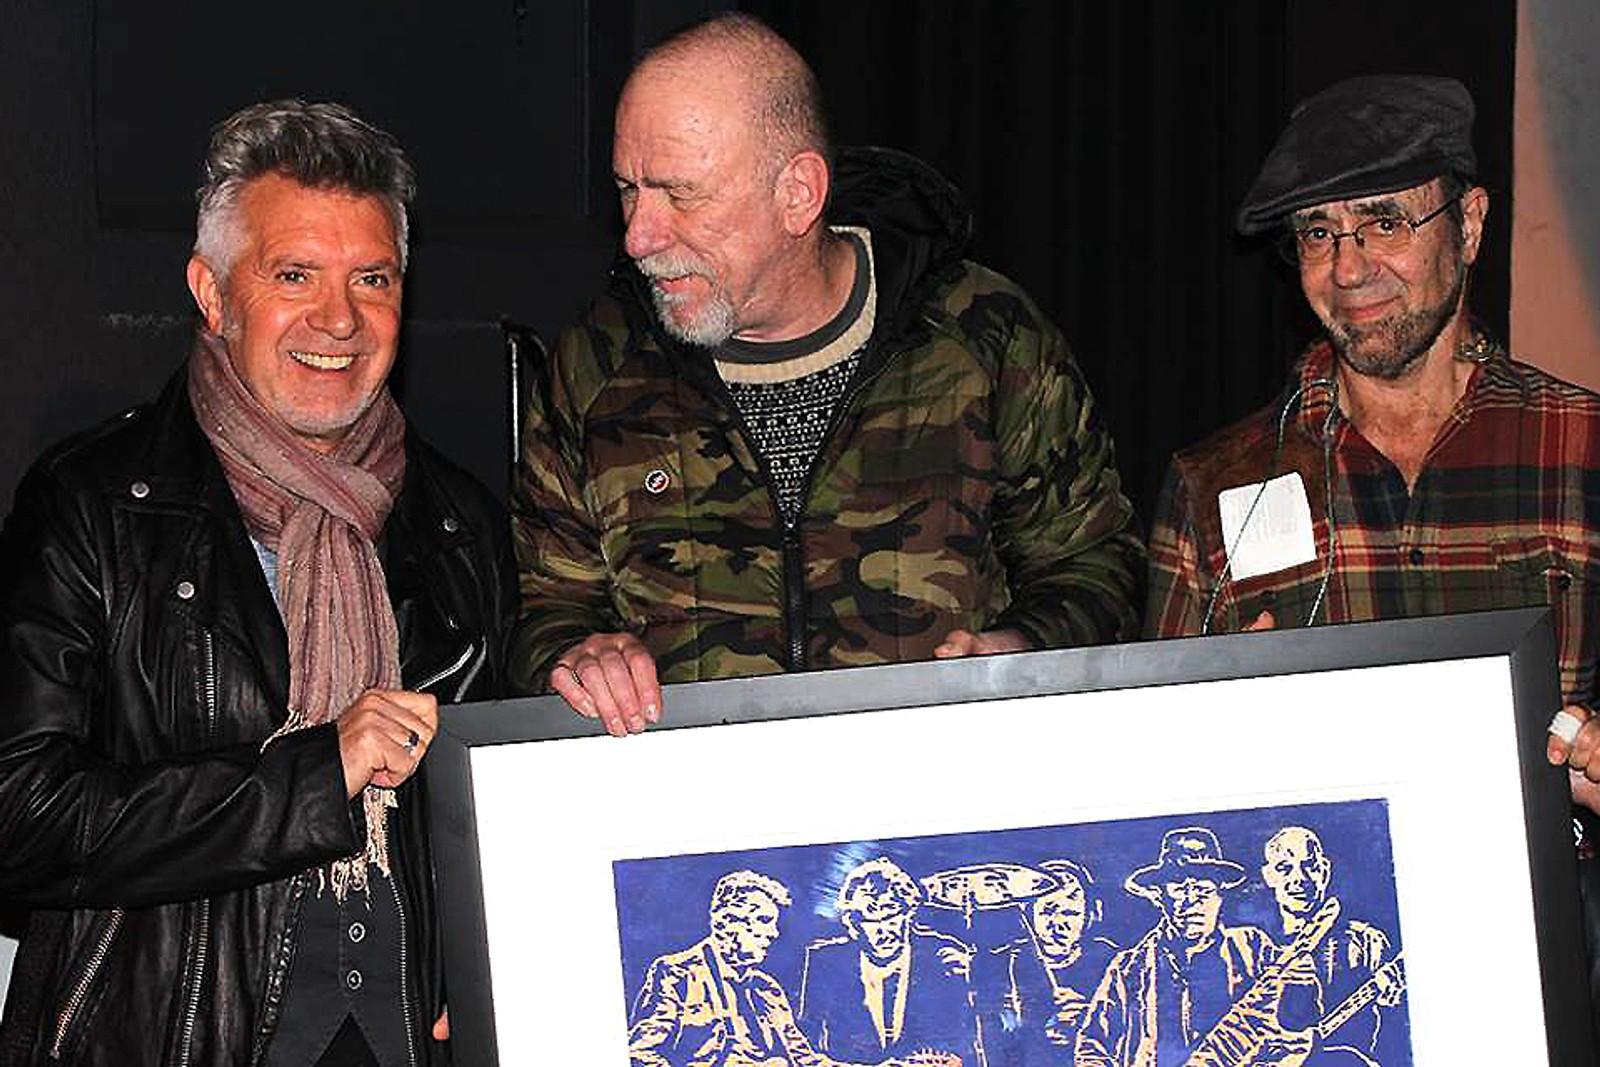 Dag Ringstad flankert av Mick Roberts og Manfred Mann